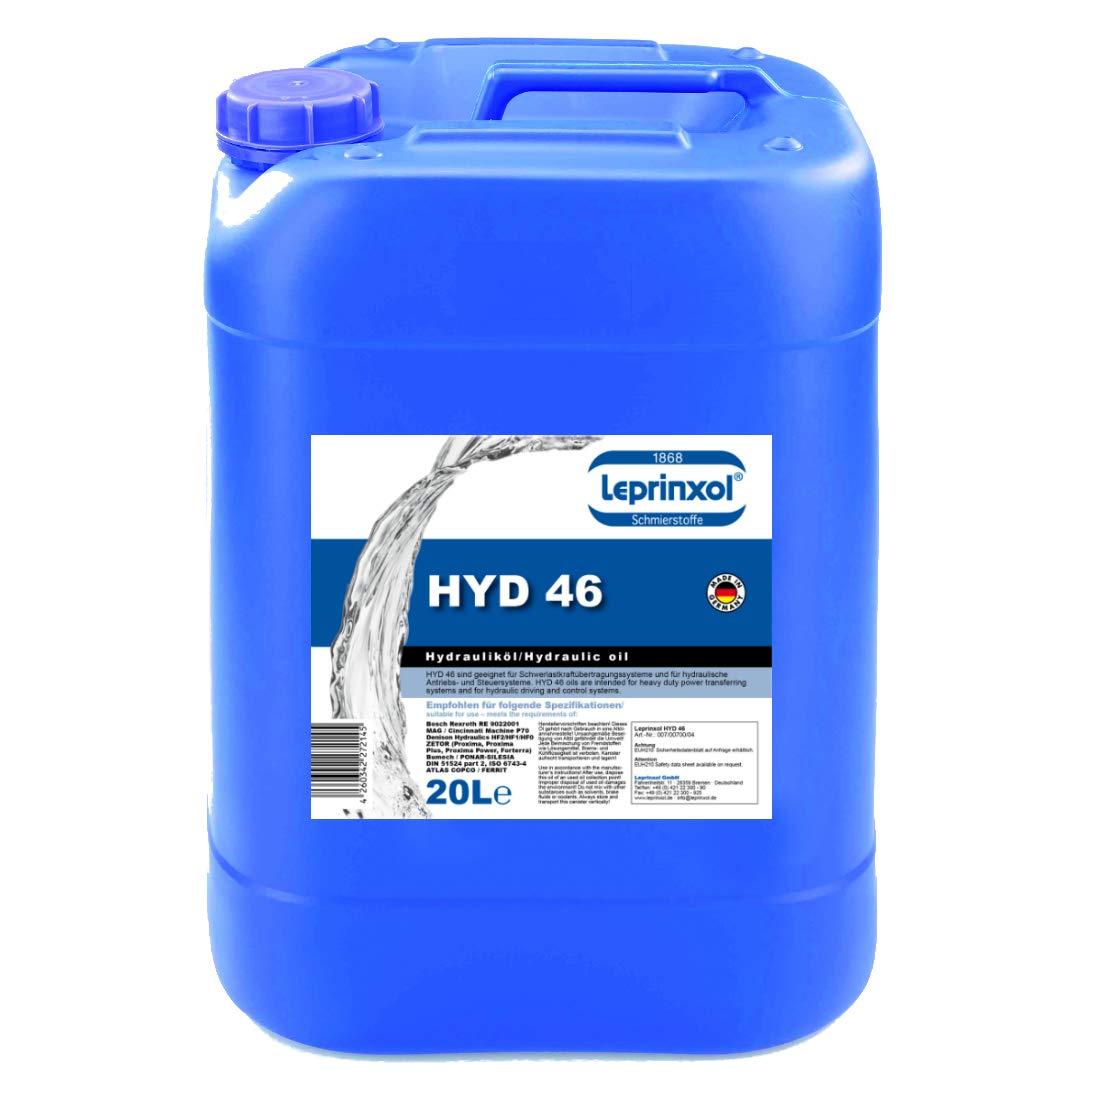 20L HYD 46 lepri nxol hidrá ulico lí quido. El en 20 litros abgefü llte 6012-X1 HLP 46 es un aceite mineral, el como impresió n lí quido, hidrá ulico aceite, la DIN 51524 notebook de 2&n